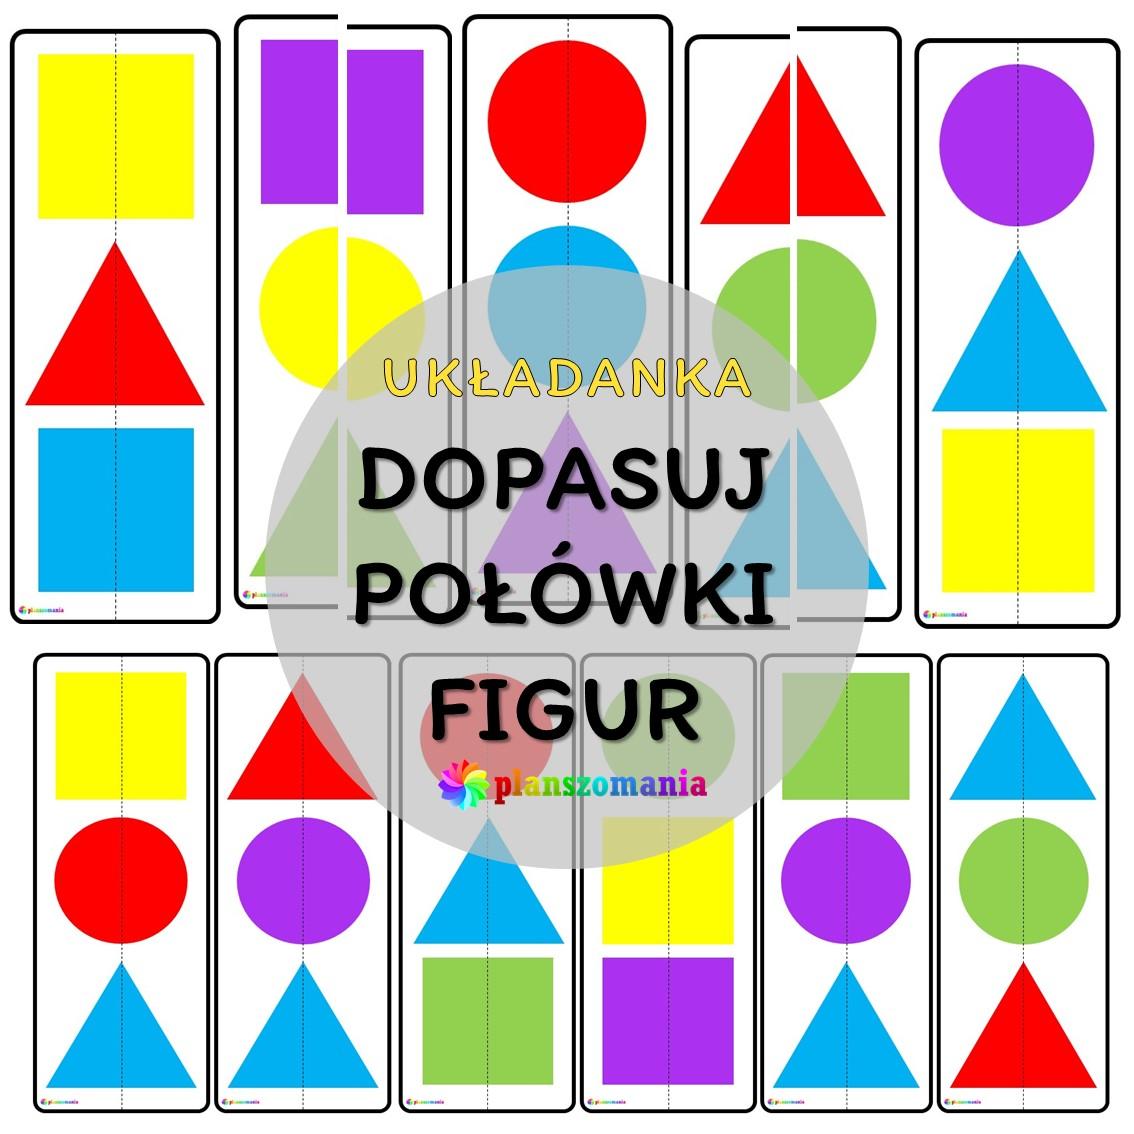 układanka edukacyjna planszomania do druku pdf pomoce edukacyjne materiały dydaktyczne dopasuj połówki figur